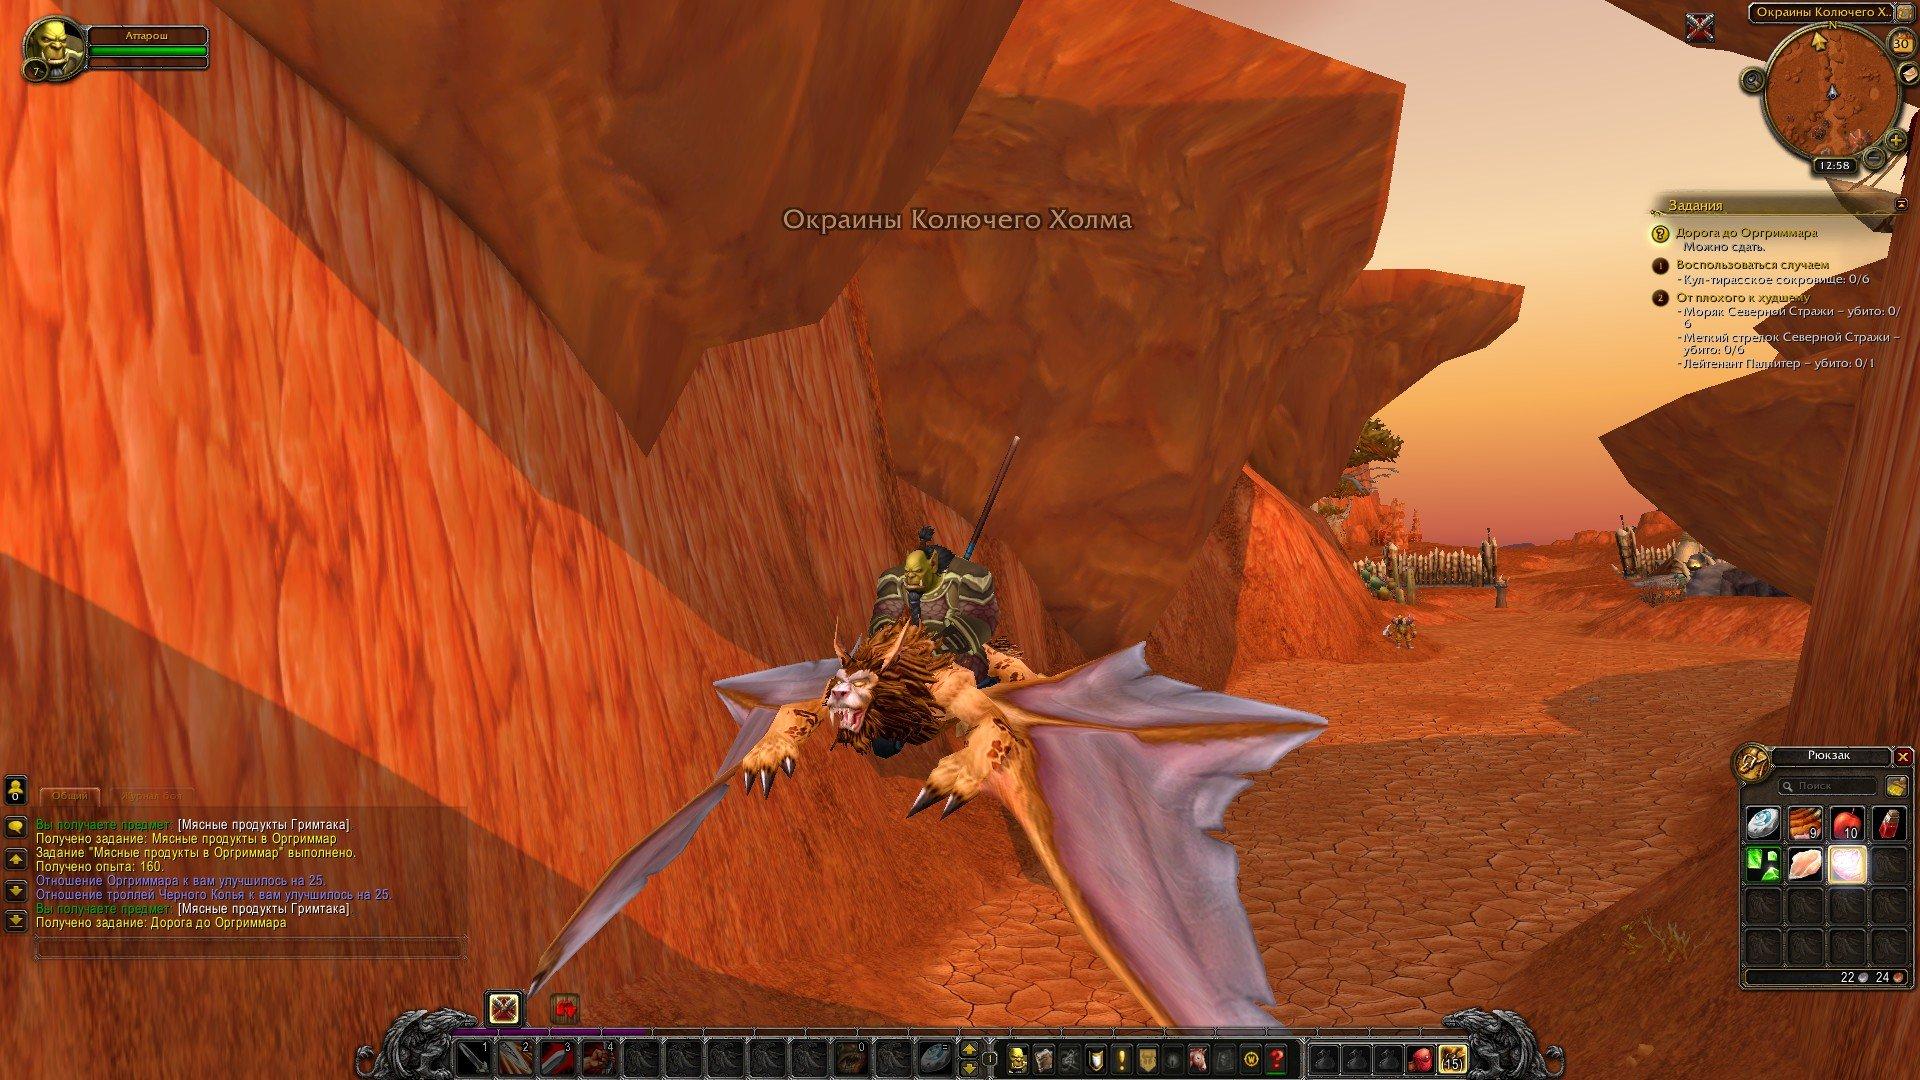 Путешествие по World of Warcraft ... Знакомство - Изображение 21